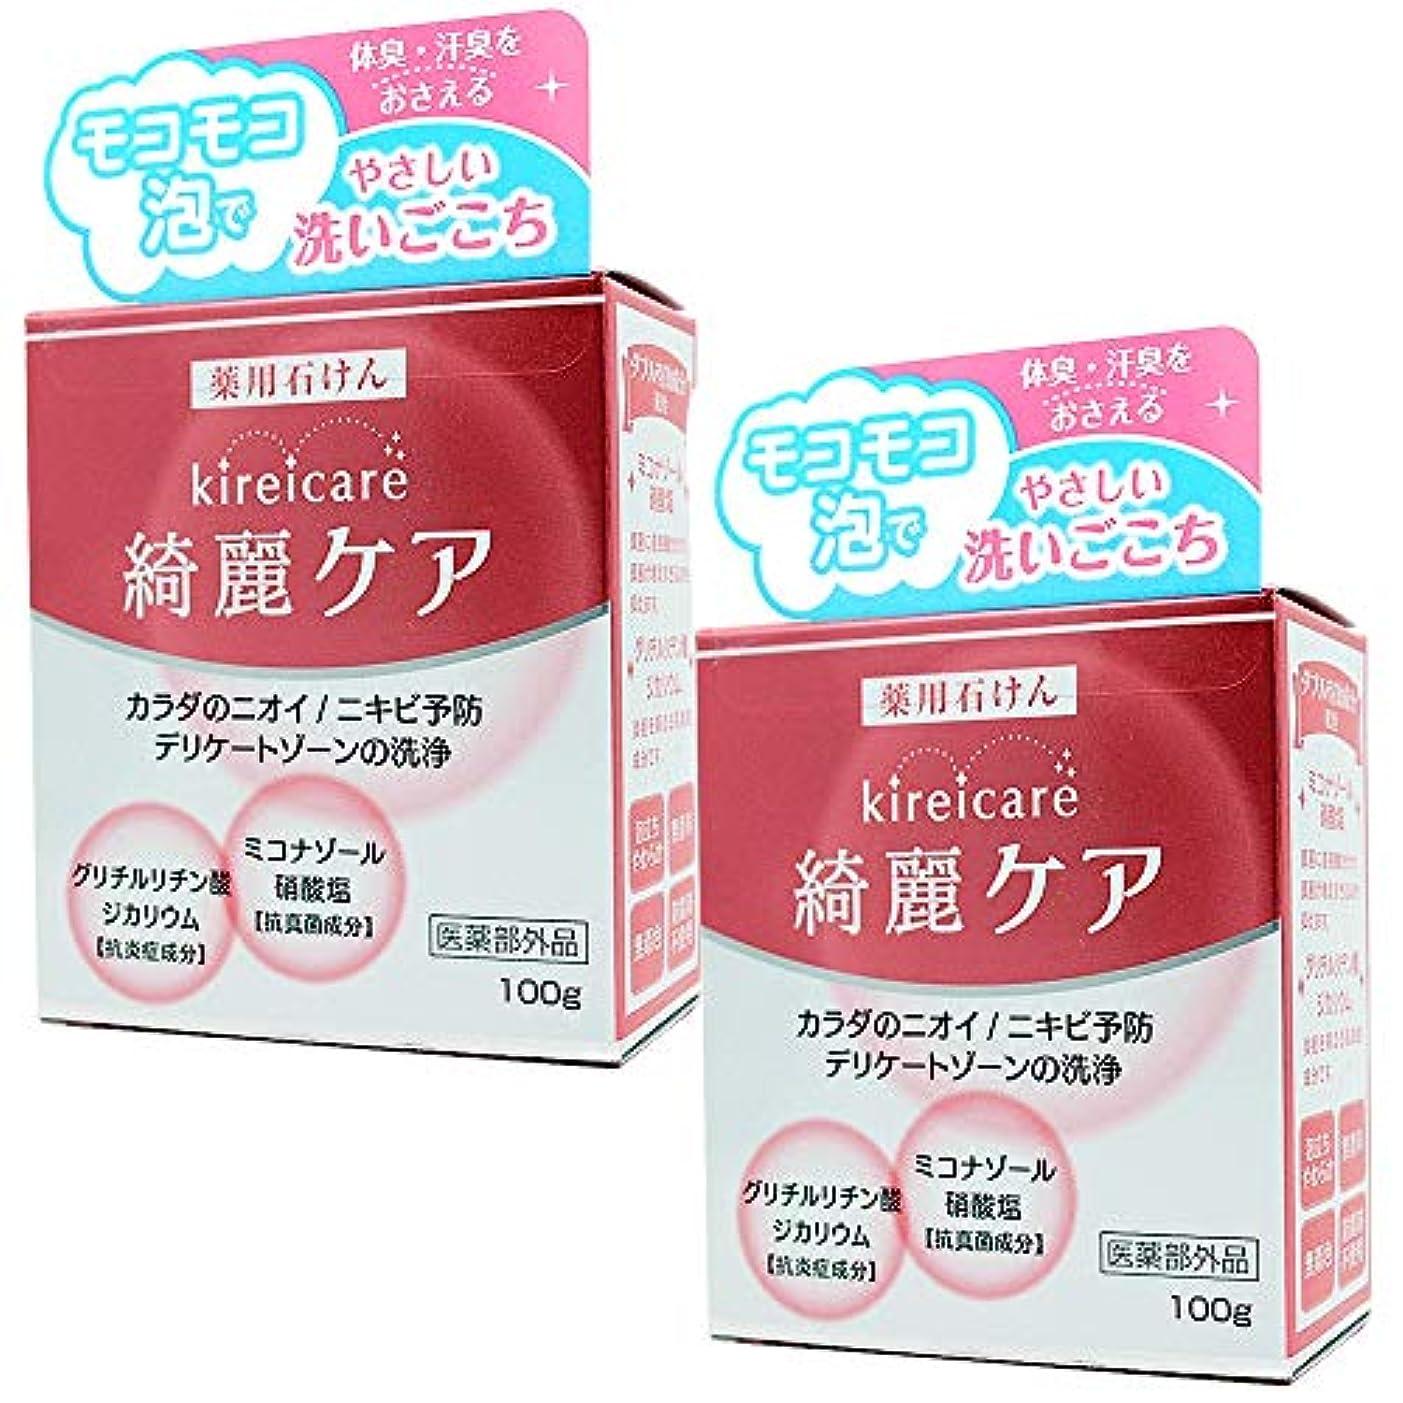 私たちのもの企業スリチンモイ白金製薬 ミコナゾール 綺麗ケア 薬用石けん 100g [医薬部外品] 2個セット